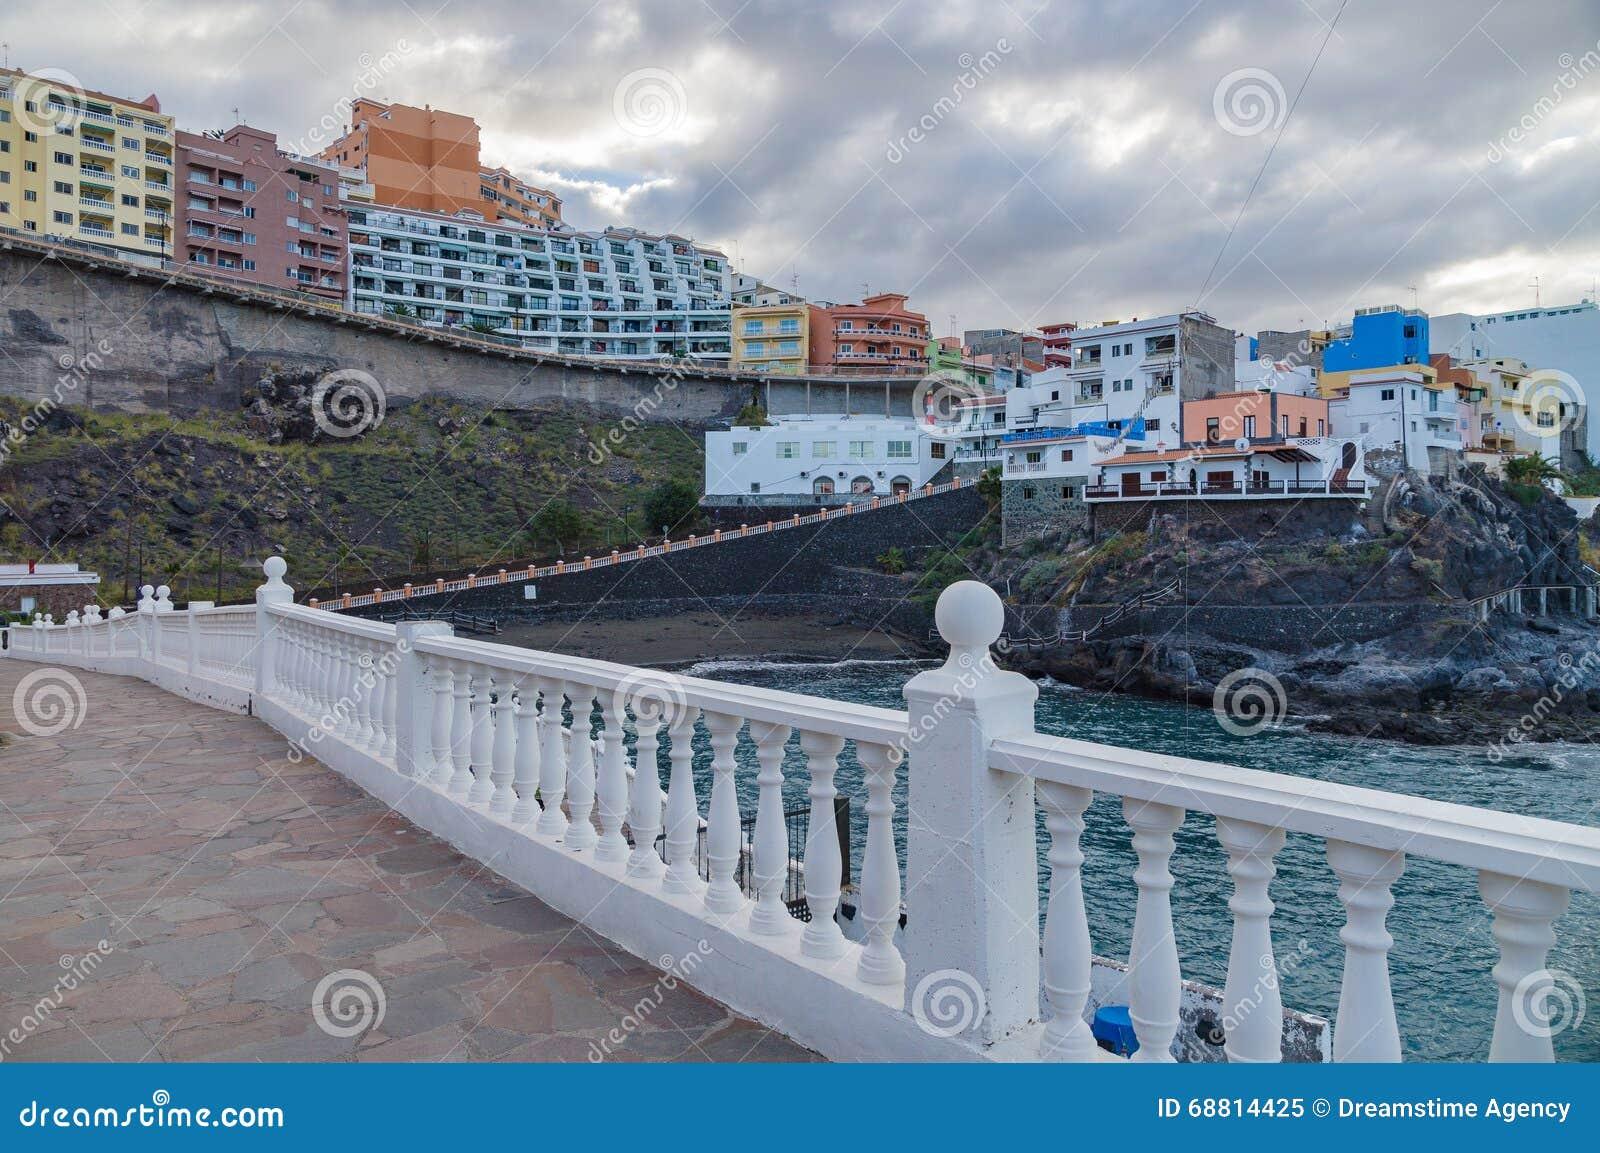 Resort town Puerto de Santiago, Tenerife